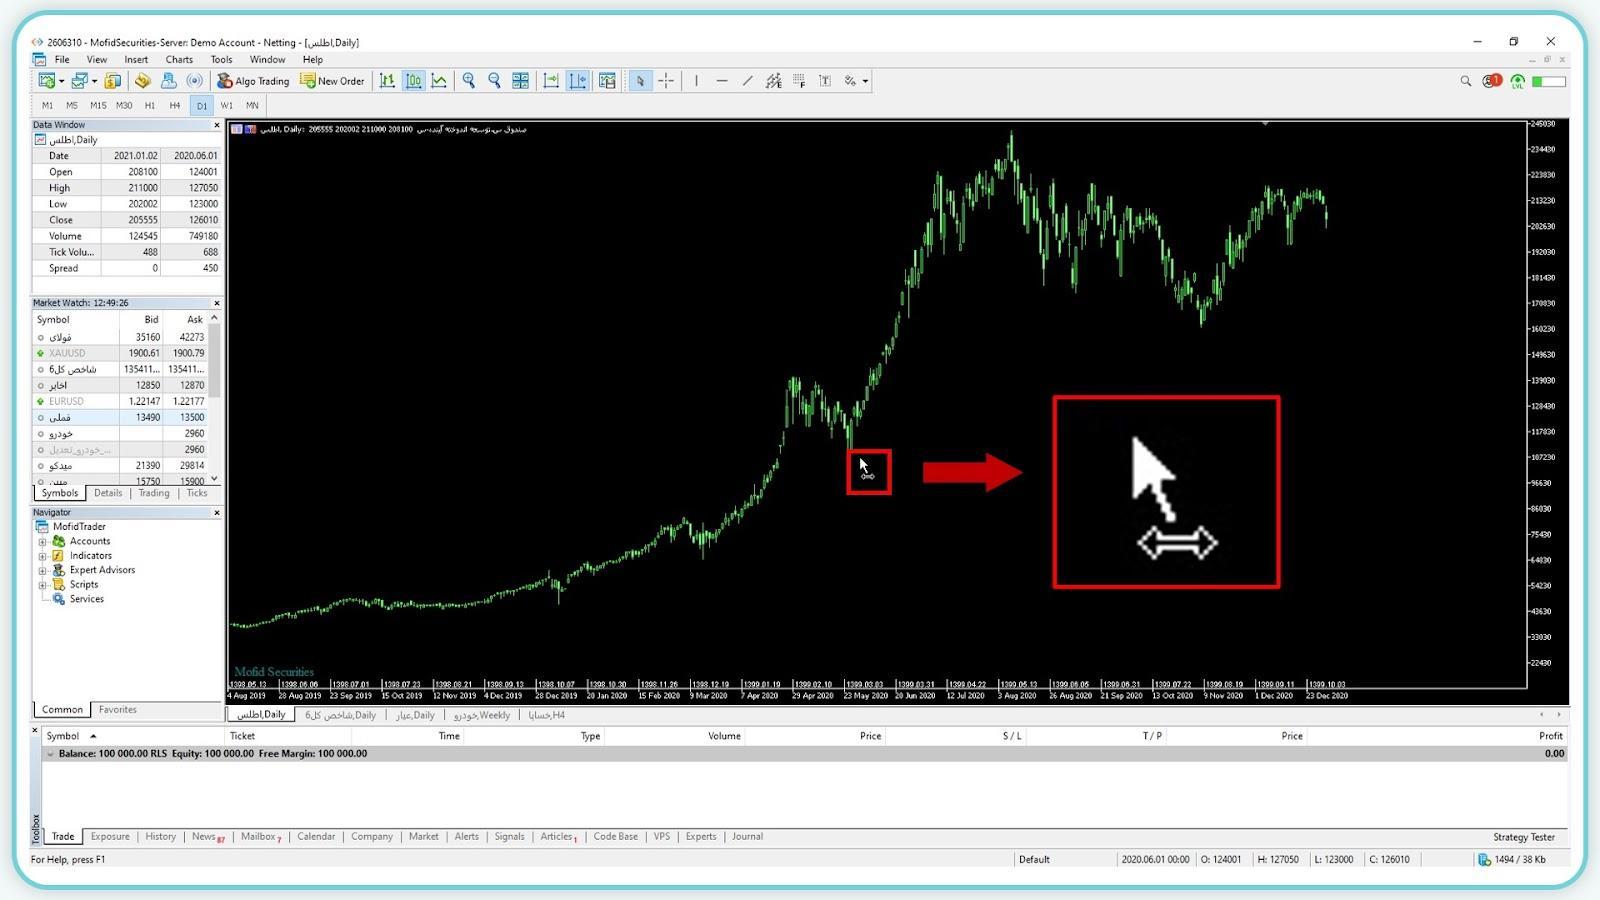 مدیریت نمودار مفید تریدر با استفاده از نشانگر ماوس برای تحلیل تکنیکال